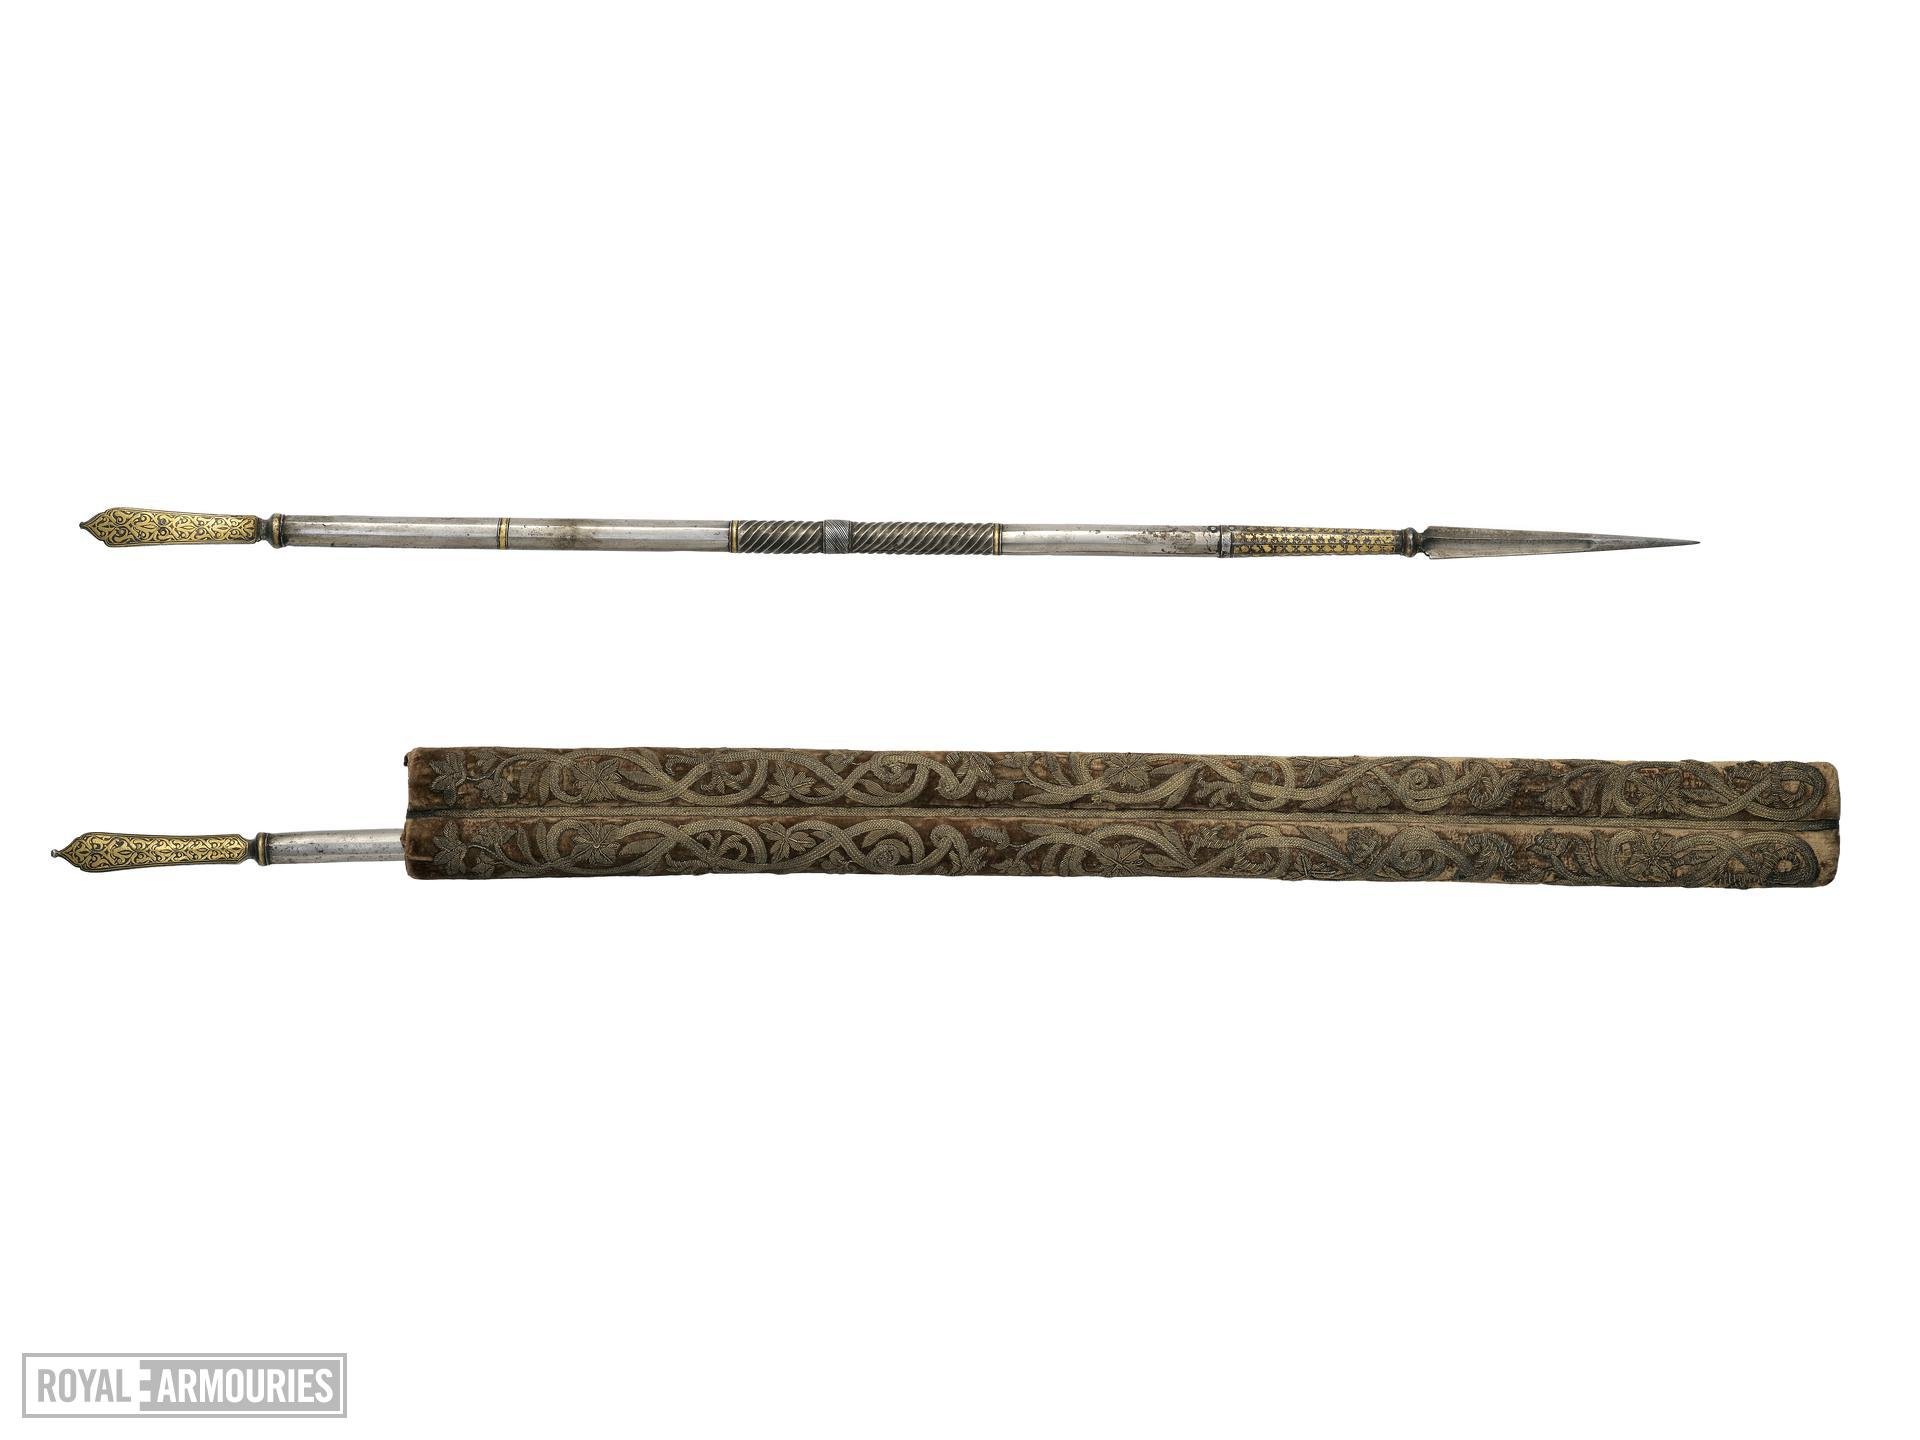 Pair of javelins and case (jarid)